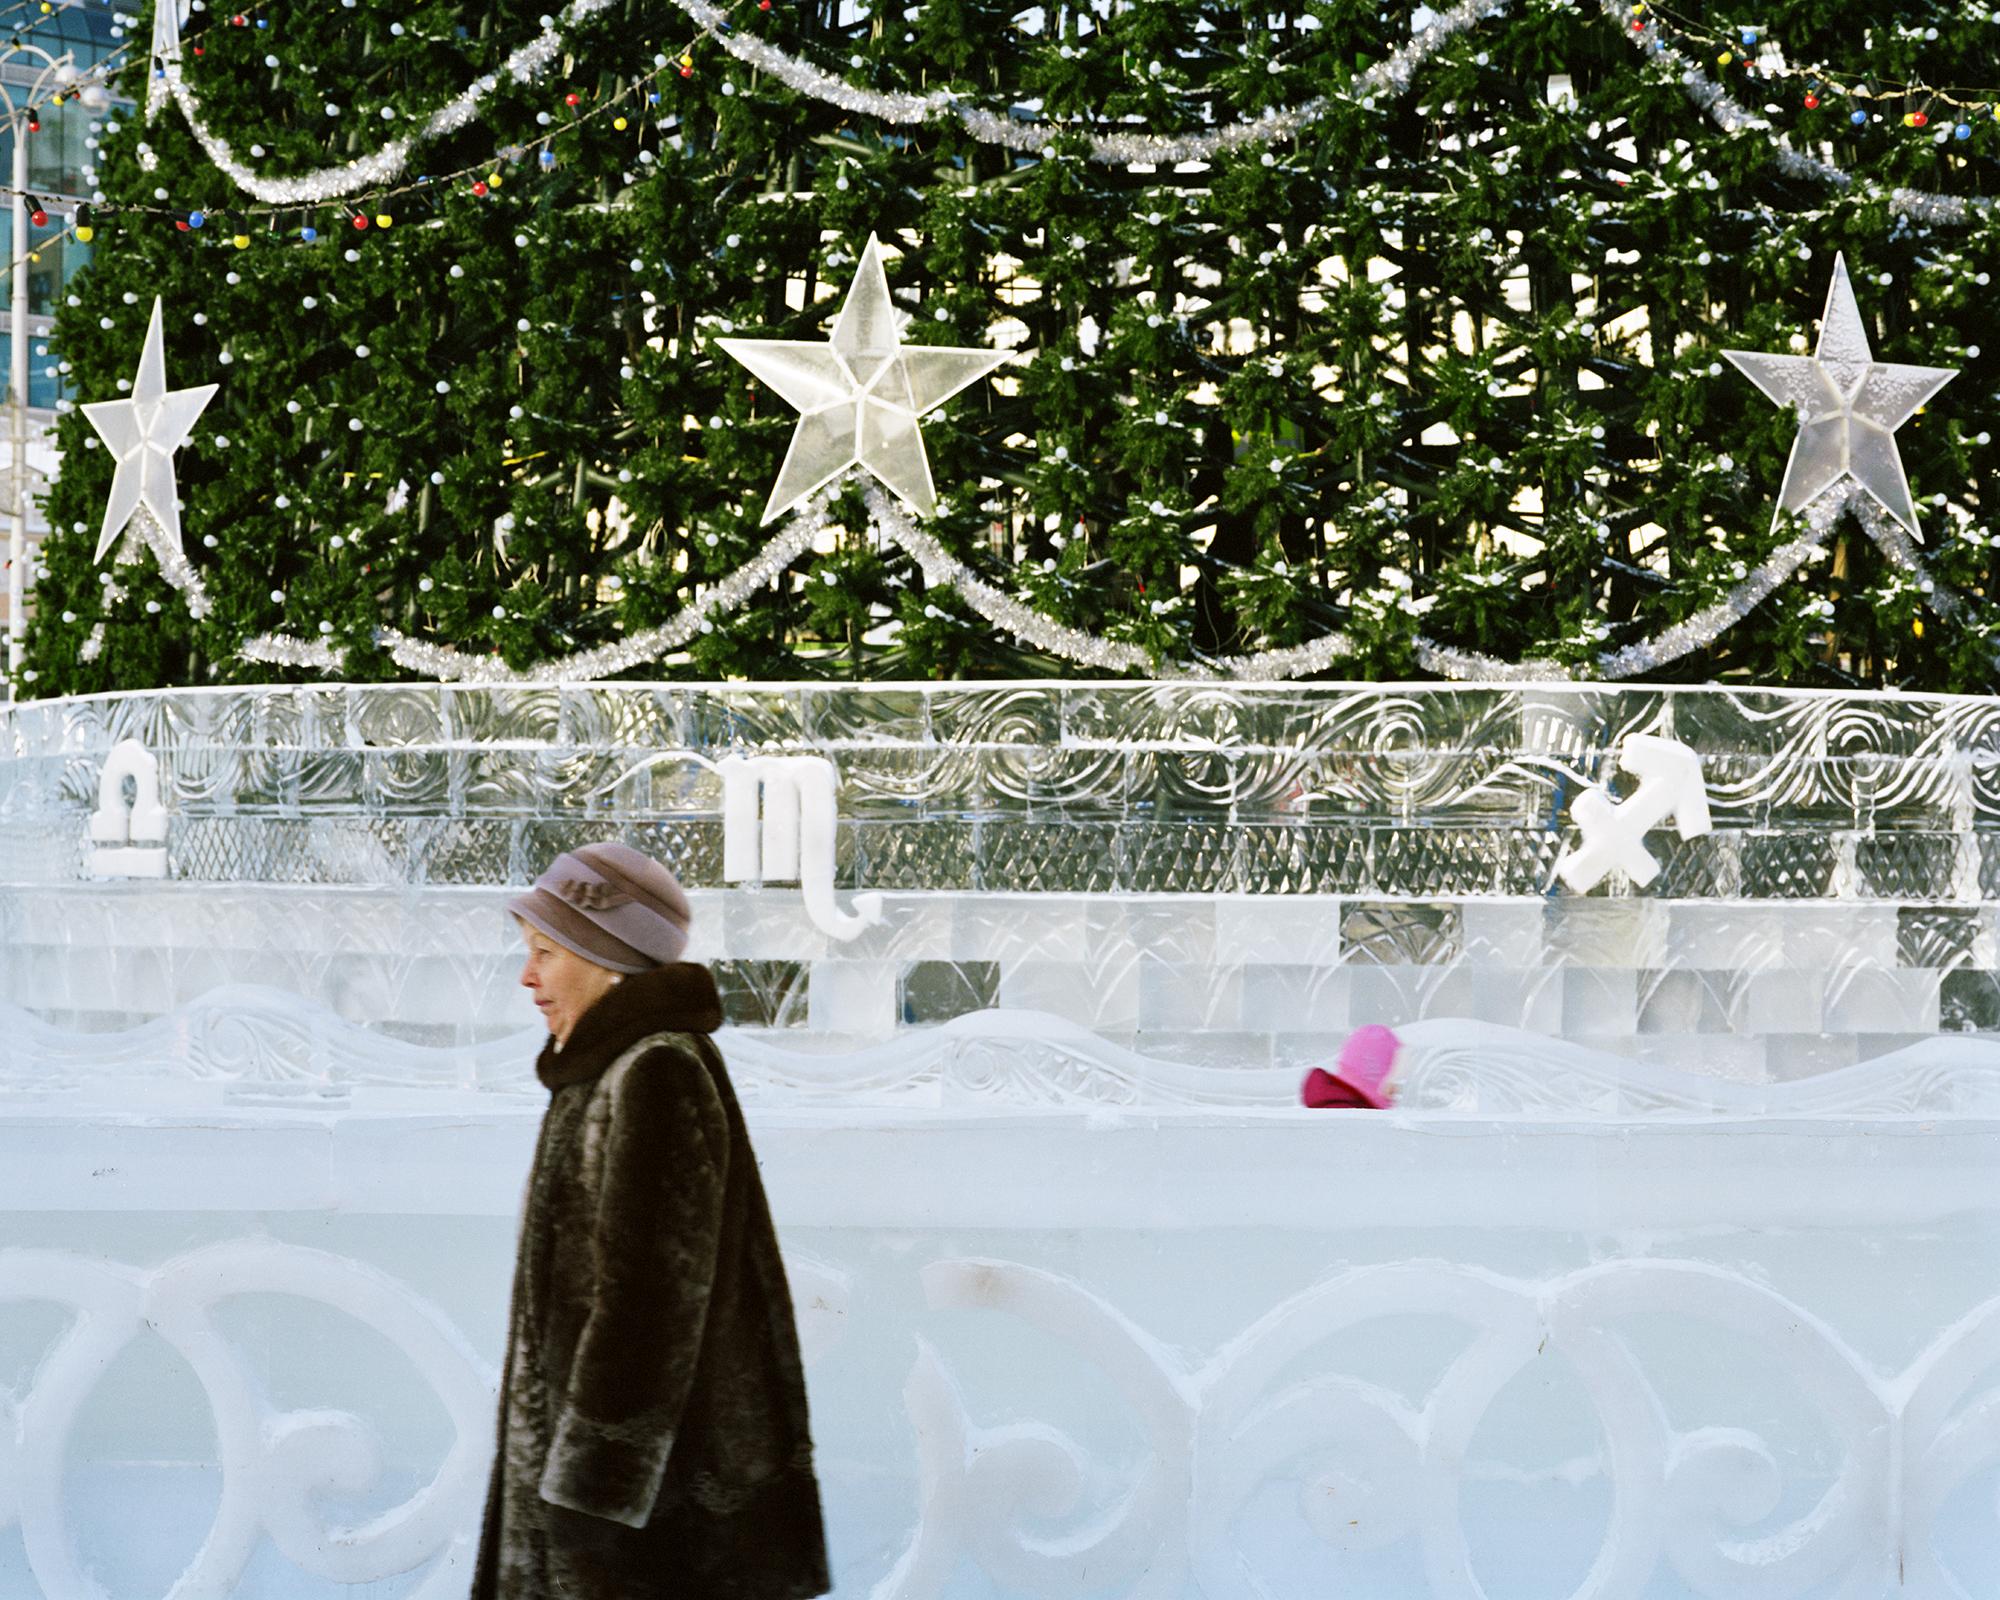 YEKATERINBURG, RUSSIA 2012